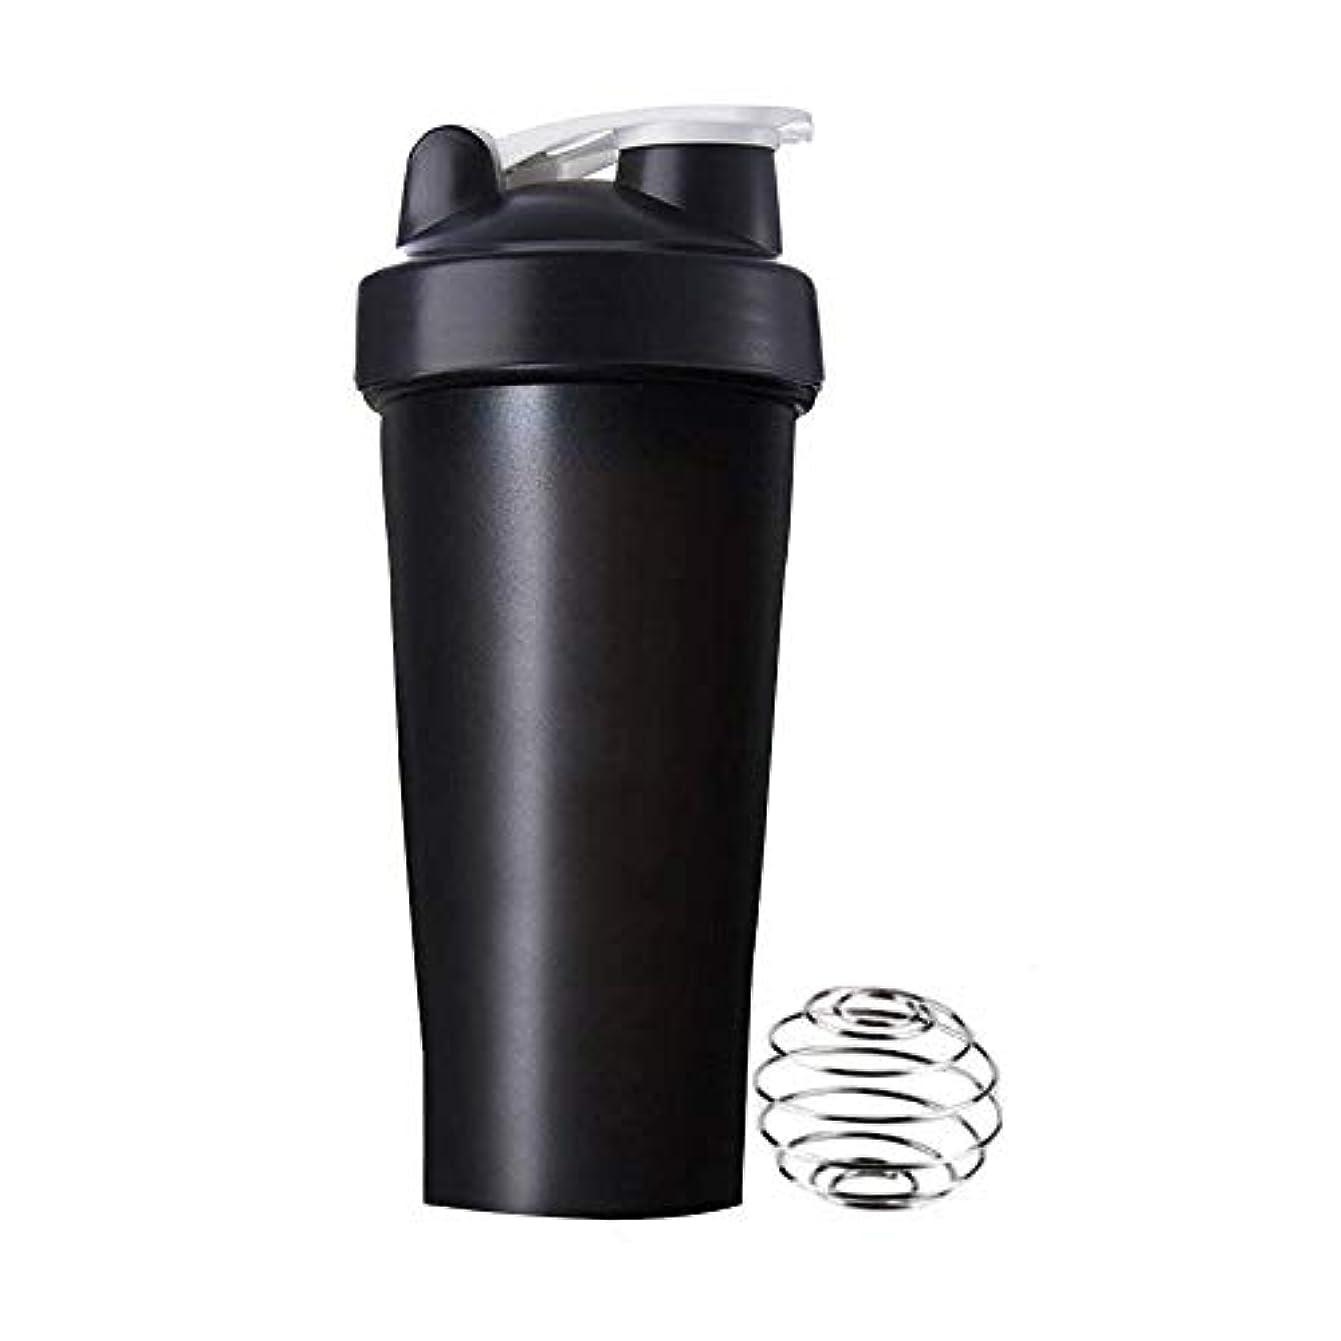 画像予想する導体Aomgsd プロテインシェイカー 直飲み プラスチックウォーターボトル ジム シェーカーボトル 600ml